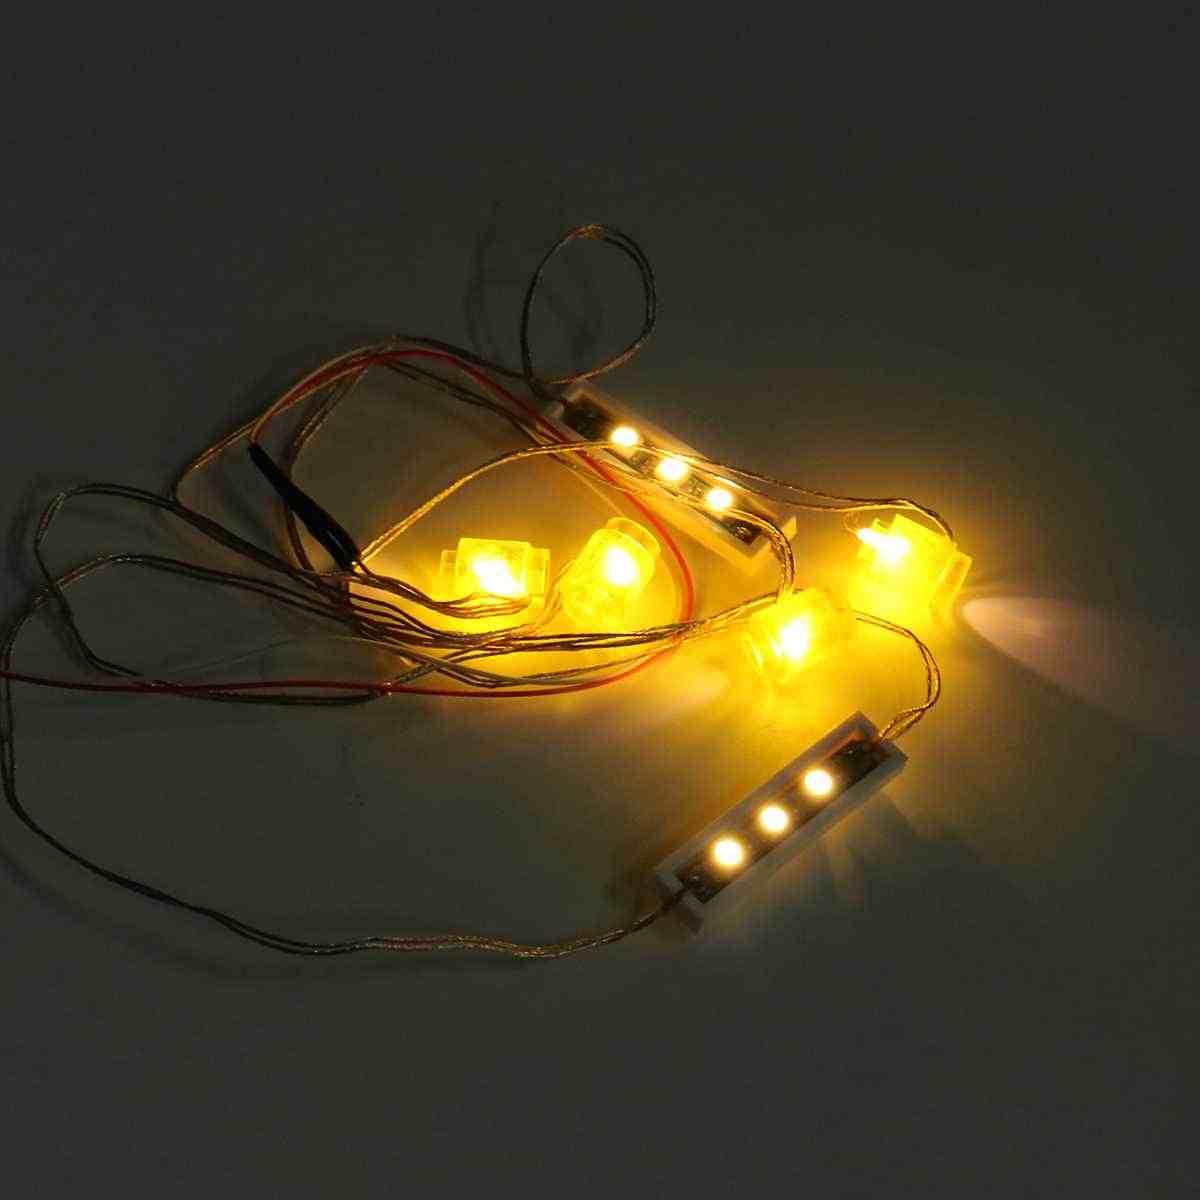 DIY LED Light zestaw oświetlenia dla Lego sklep budowlany modelu zabawki uniwersalne oświetlenie zestaw cegieł